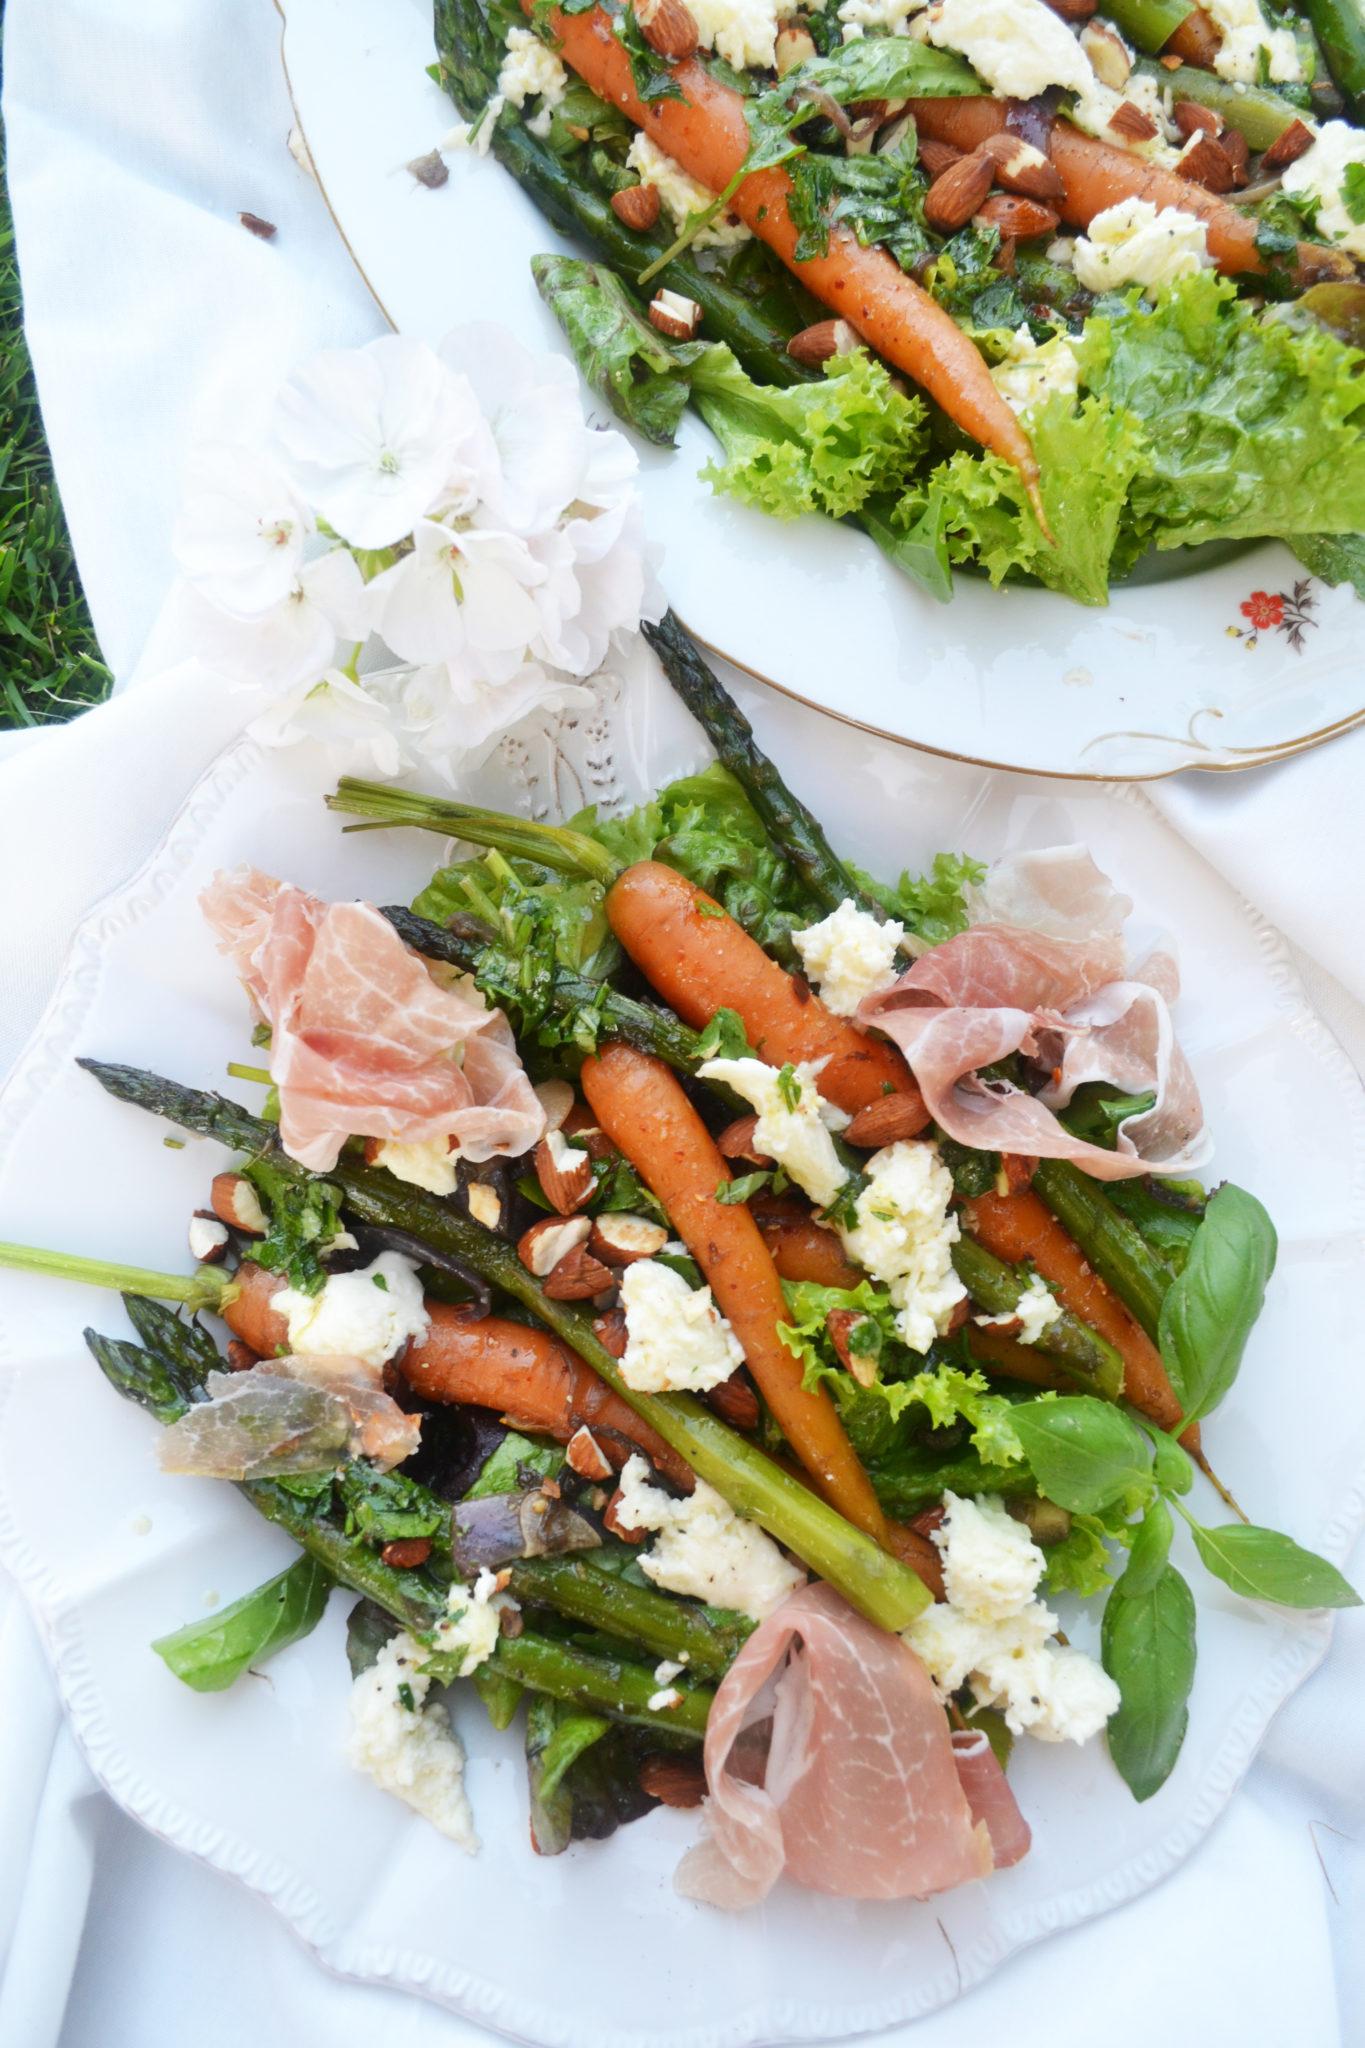 Bunter Abendgenuss! Sommersalat mit Karotten, Spargel und Mozzarella